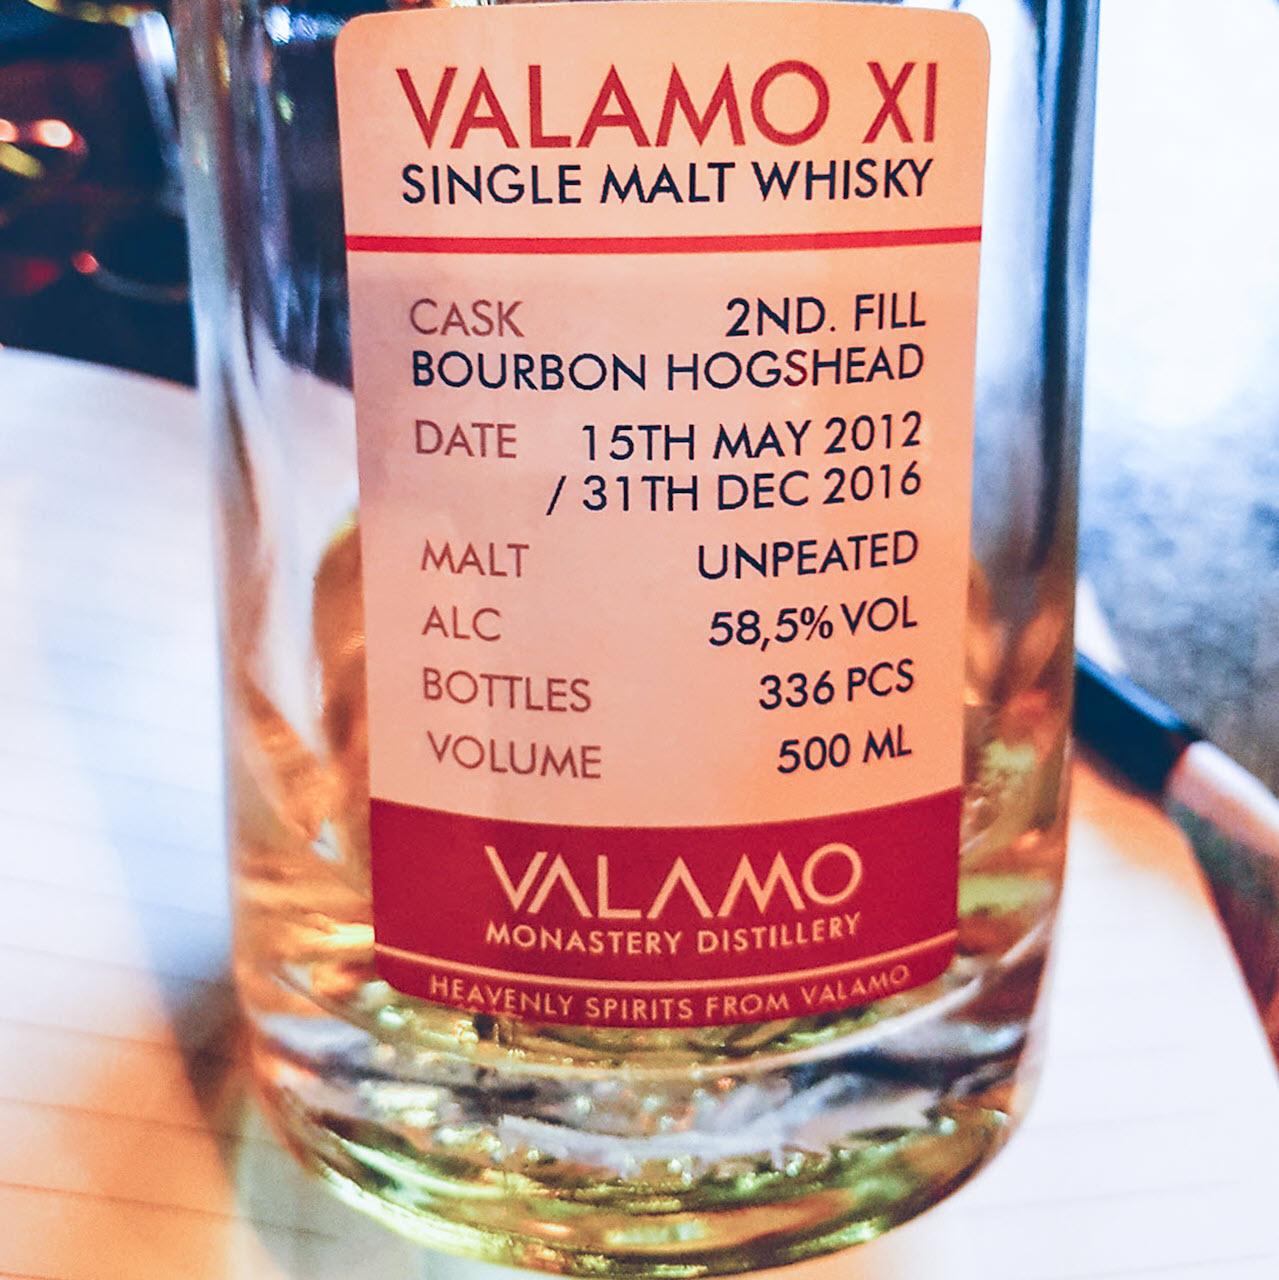 valamo_xi_edited.jpg